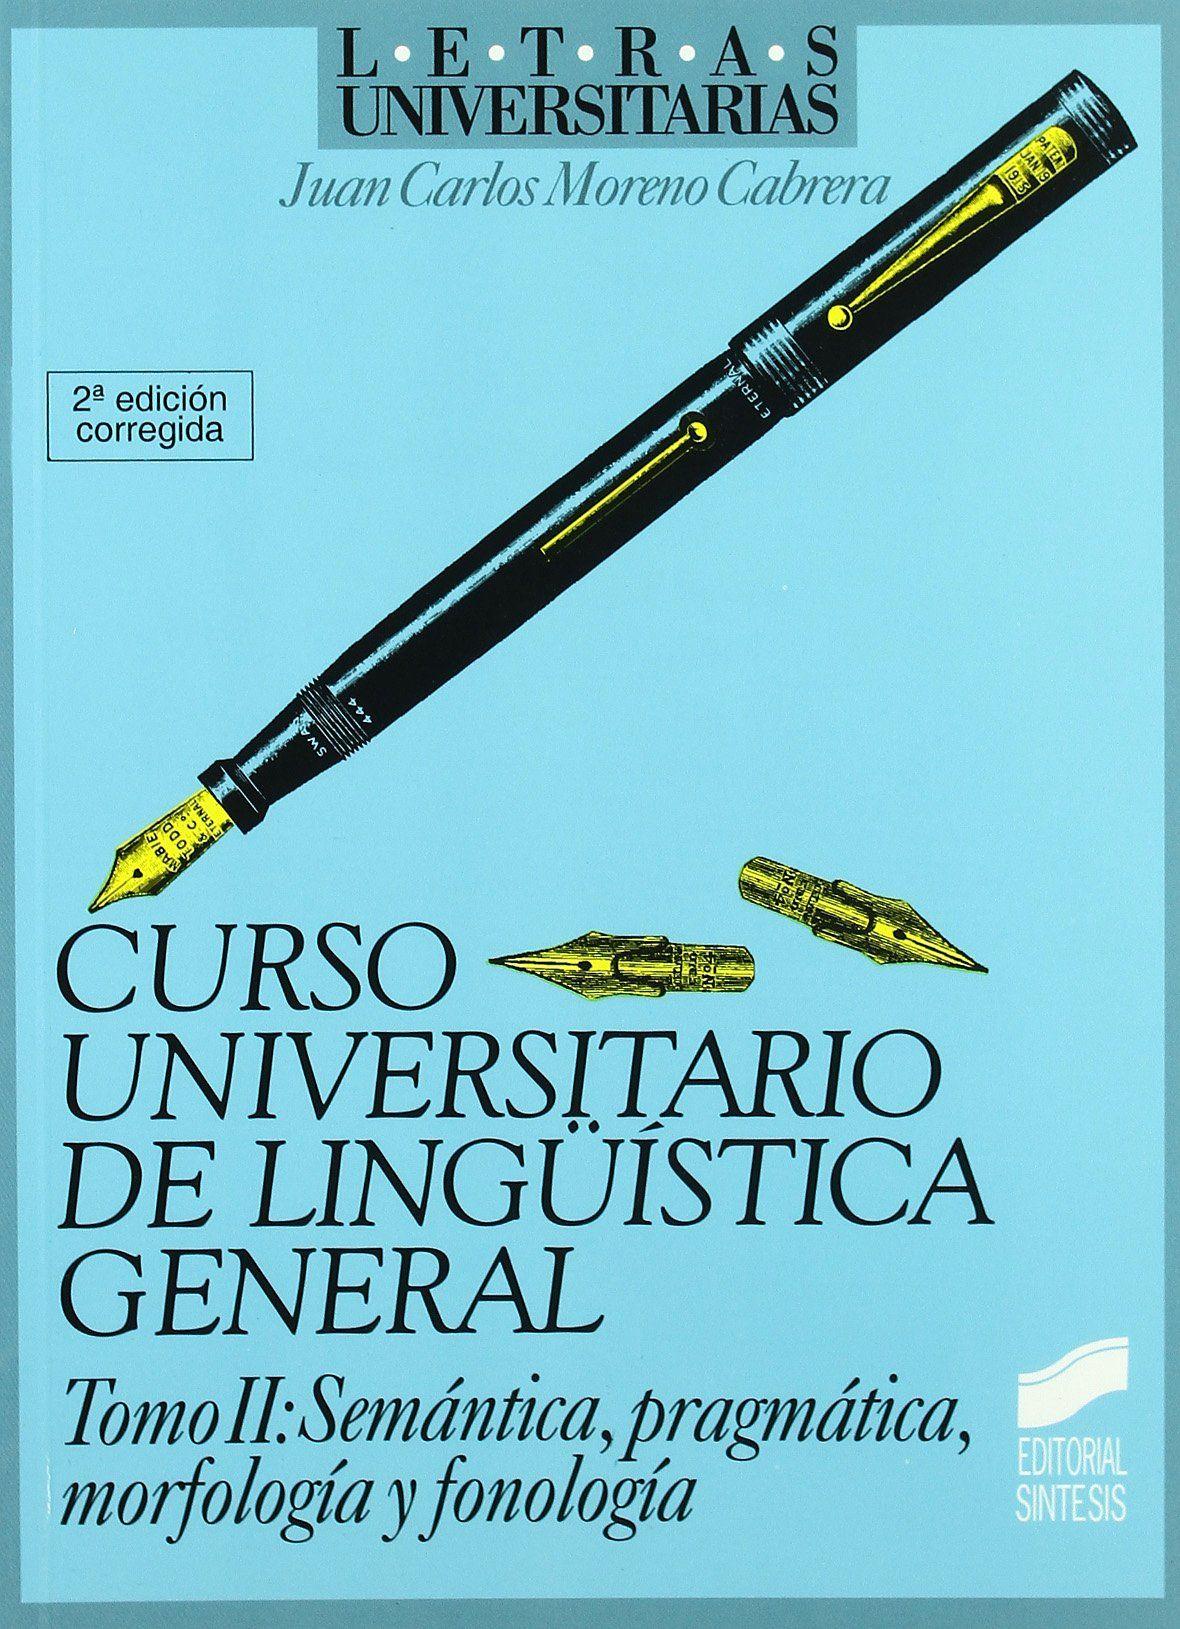 Curso universitario de lingüística general / Juan Carlos Moreno Cabrera